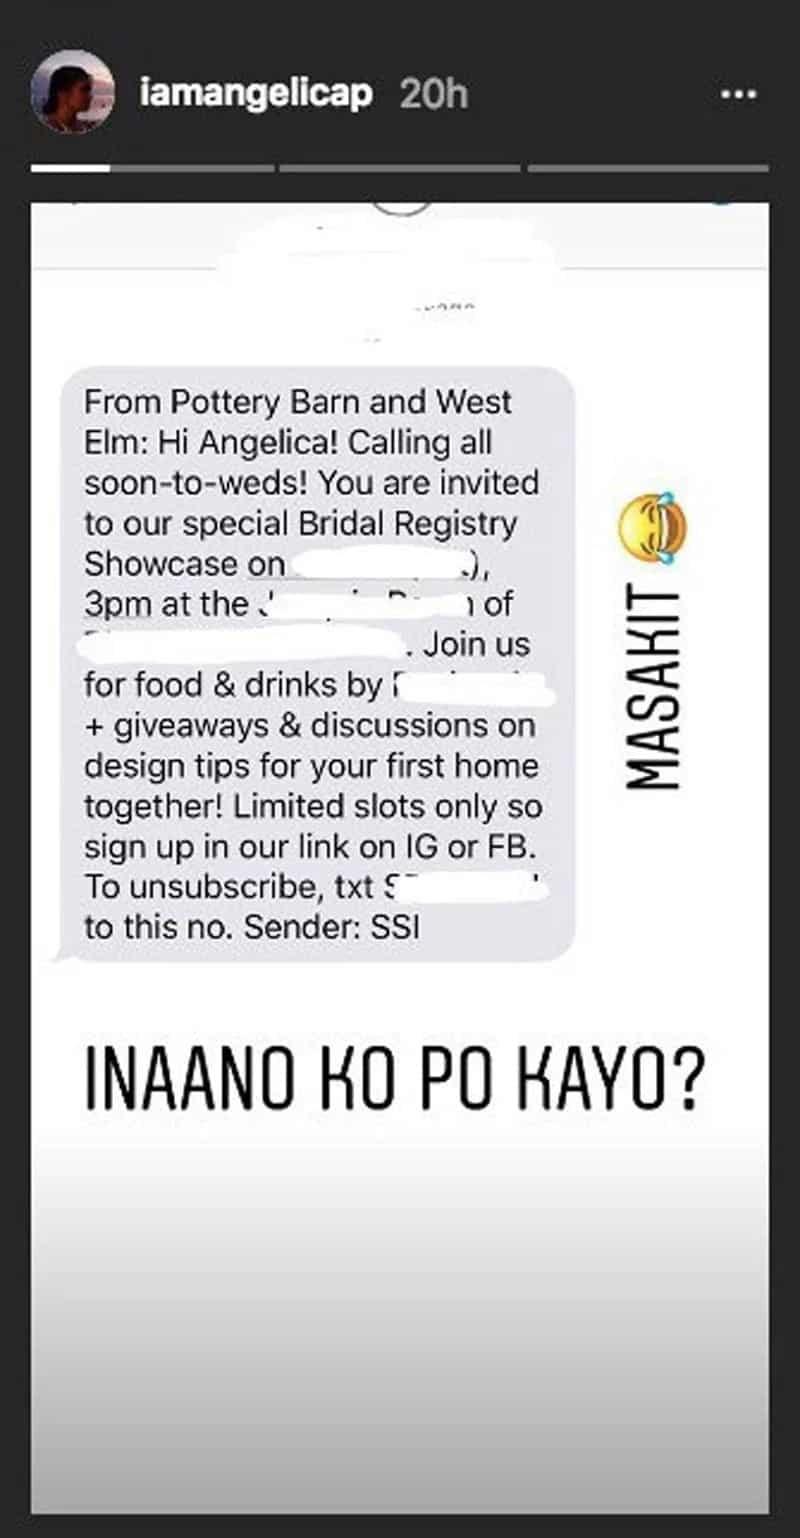 Angelica Panganiban nasaktan sa pang-okray ng mga taong nagpadala sa kanya ng bridal showcase invitation